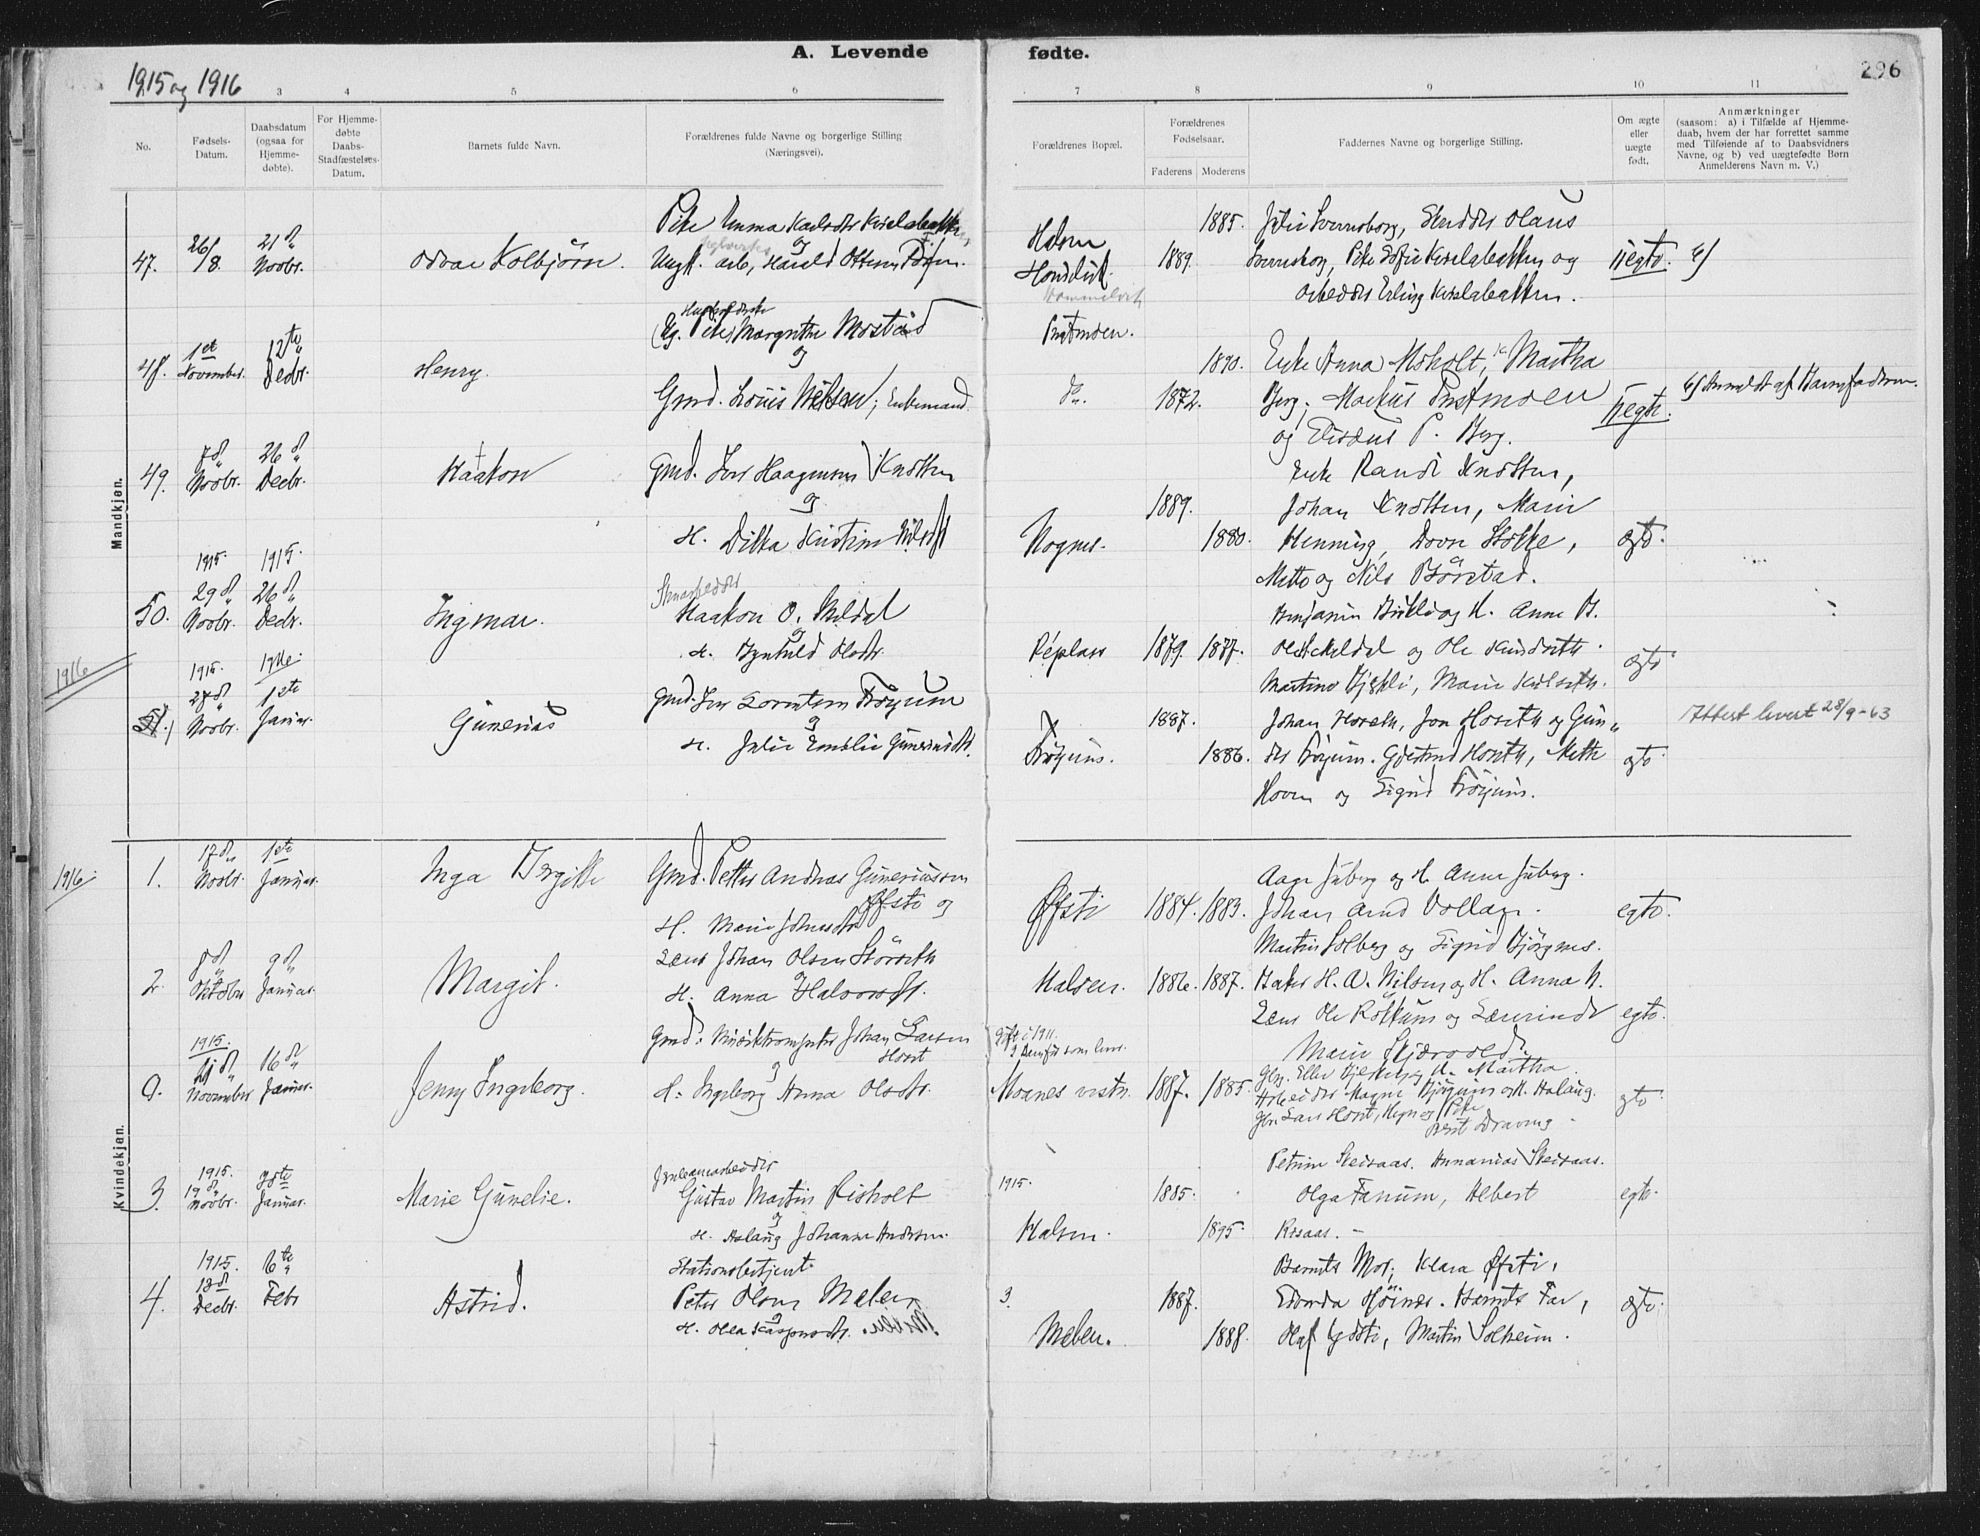 SAT, Ministerialprotokoller, klokkerbøker og fødselsregistre - Nord-Trøndelag, 709/L0082: Ministerialbok nr. 709A22, 1896-1916, s. 296